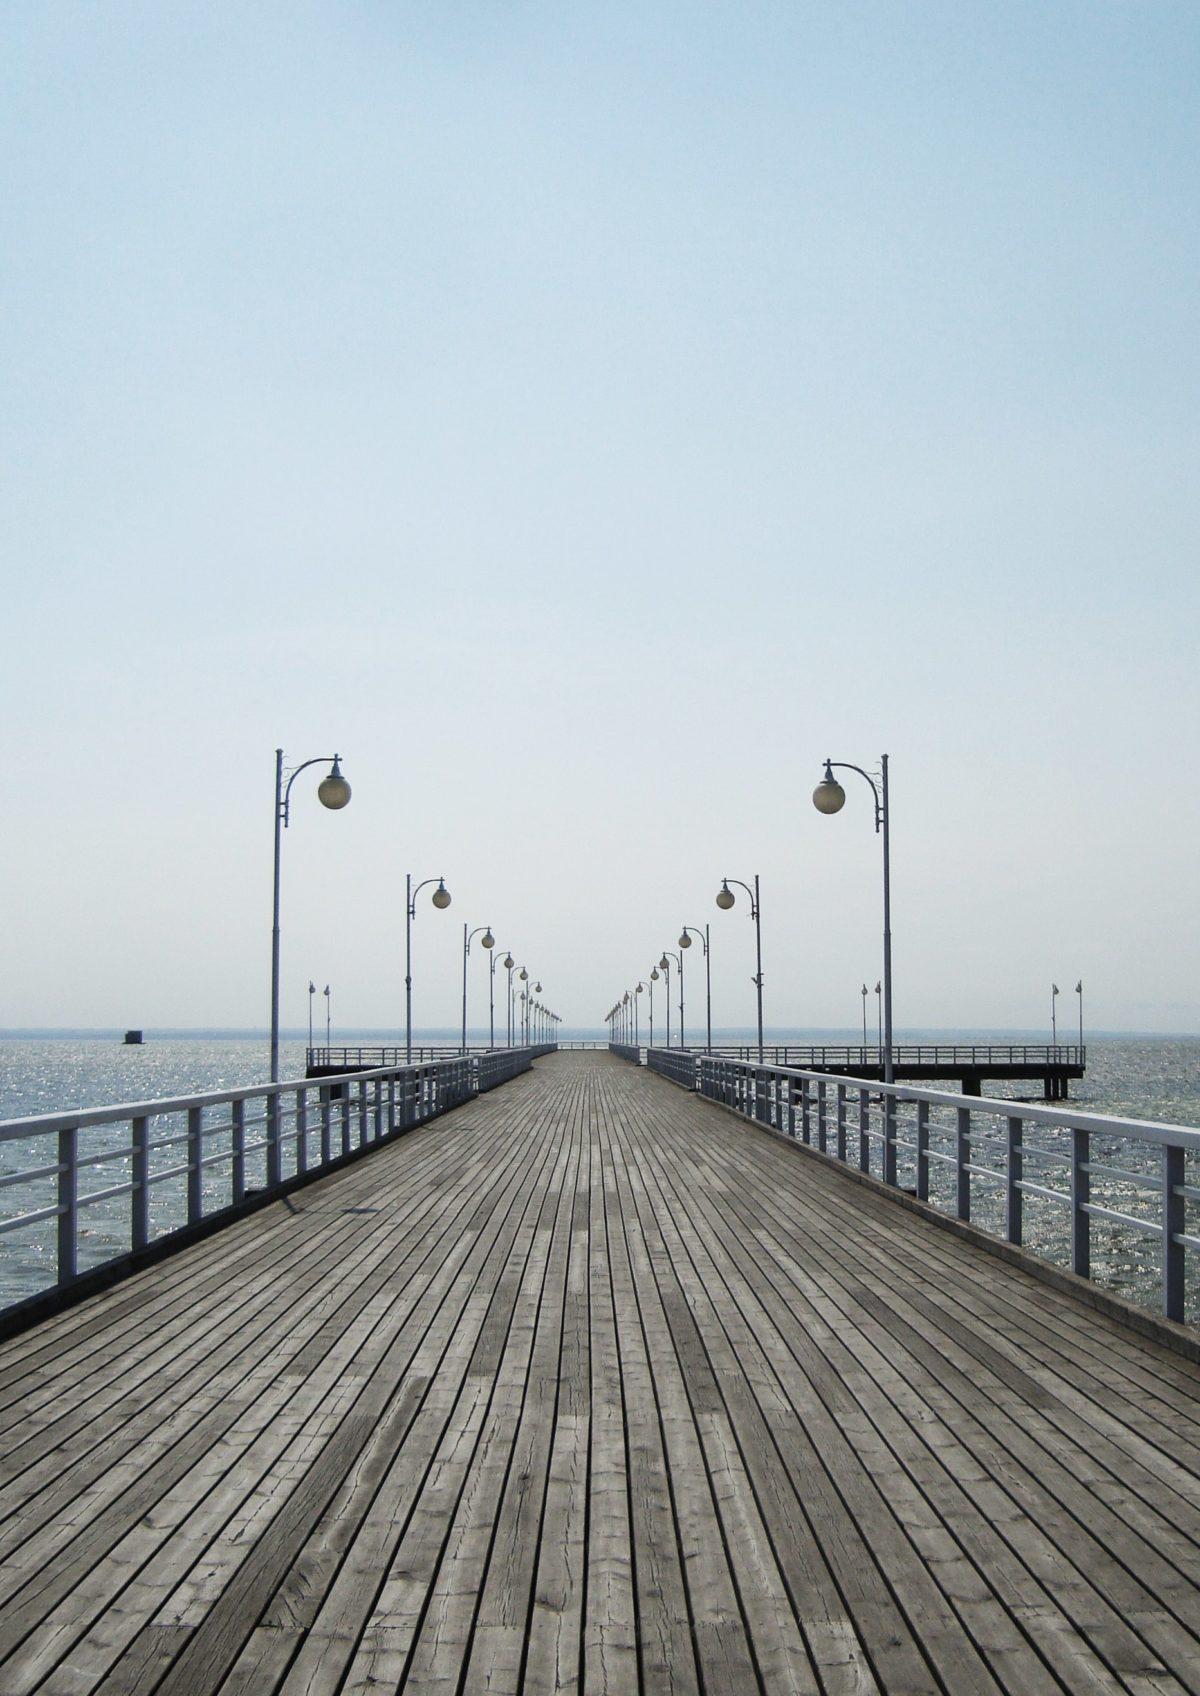 Hel boardwalk